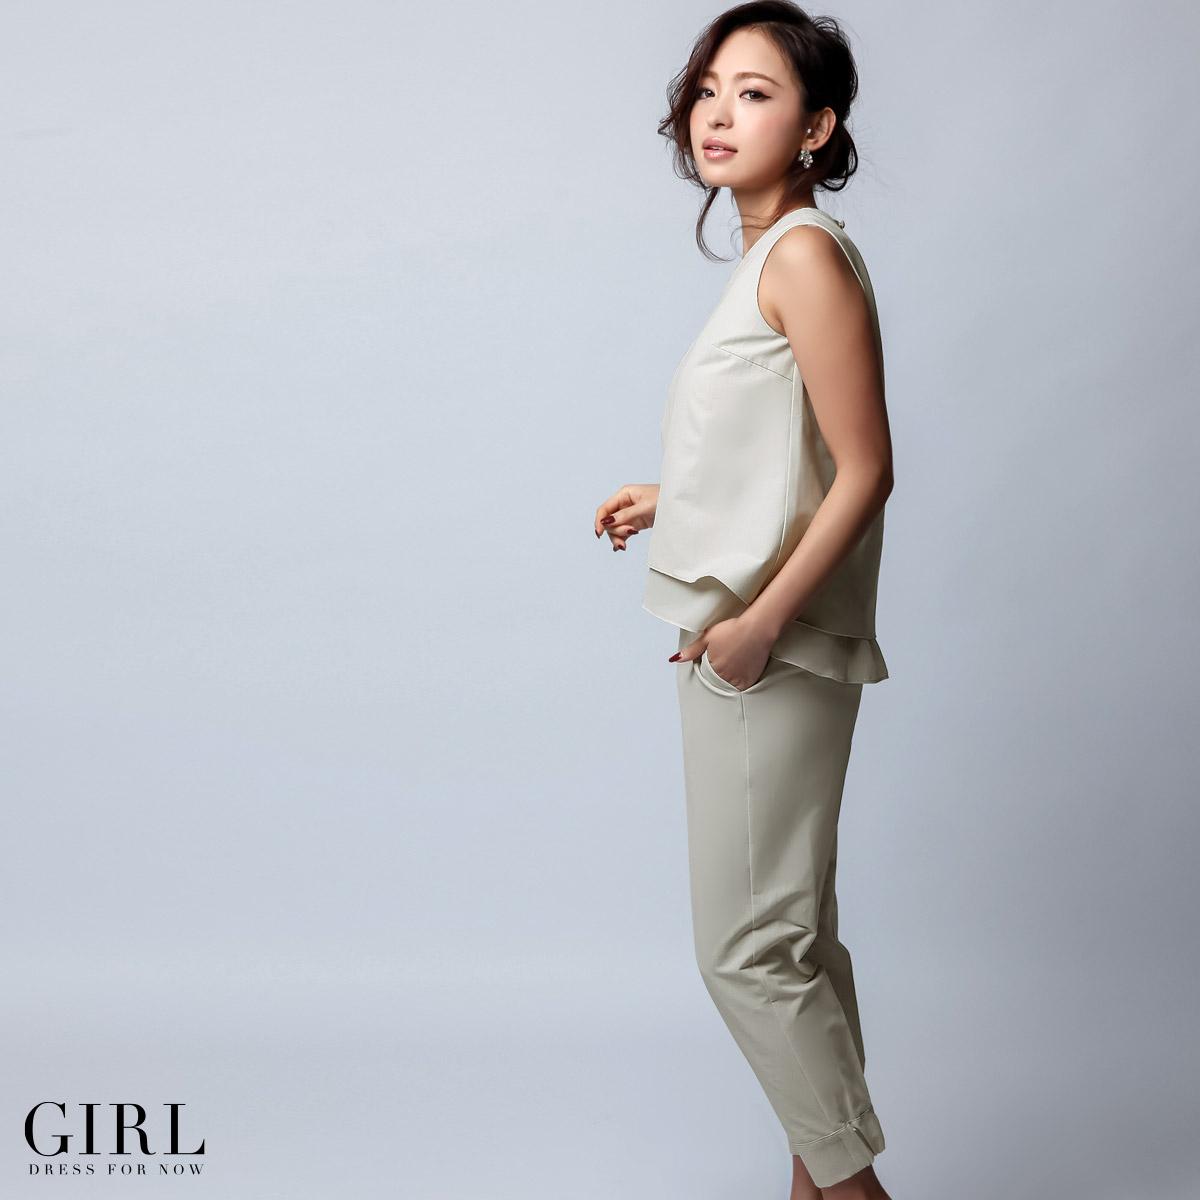 Dress shop GIRL   Rakuten Global Market: Peplum pants dress set up ...